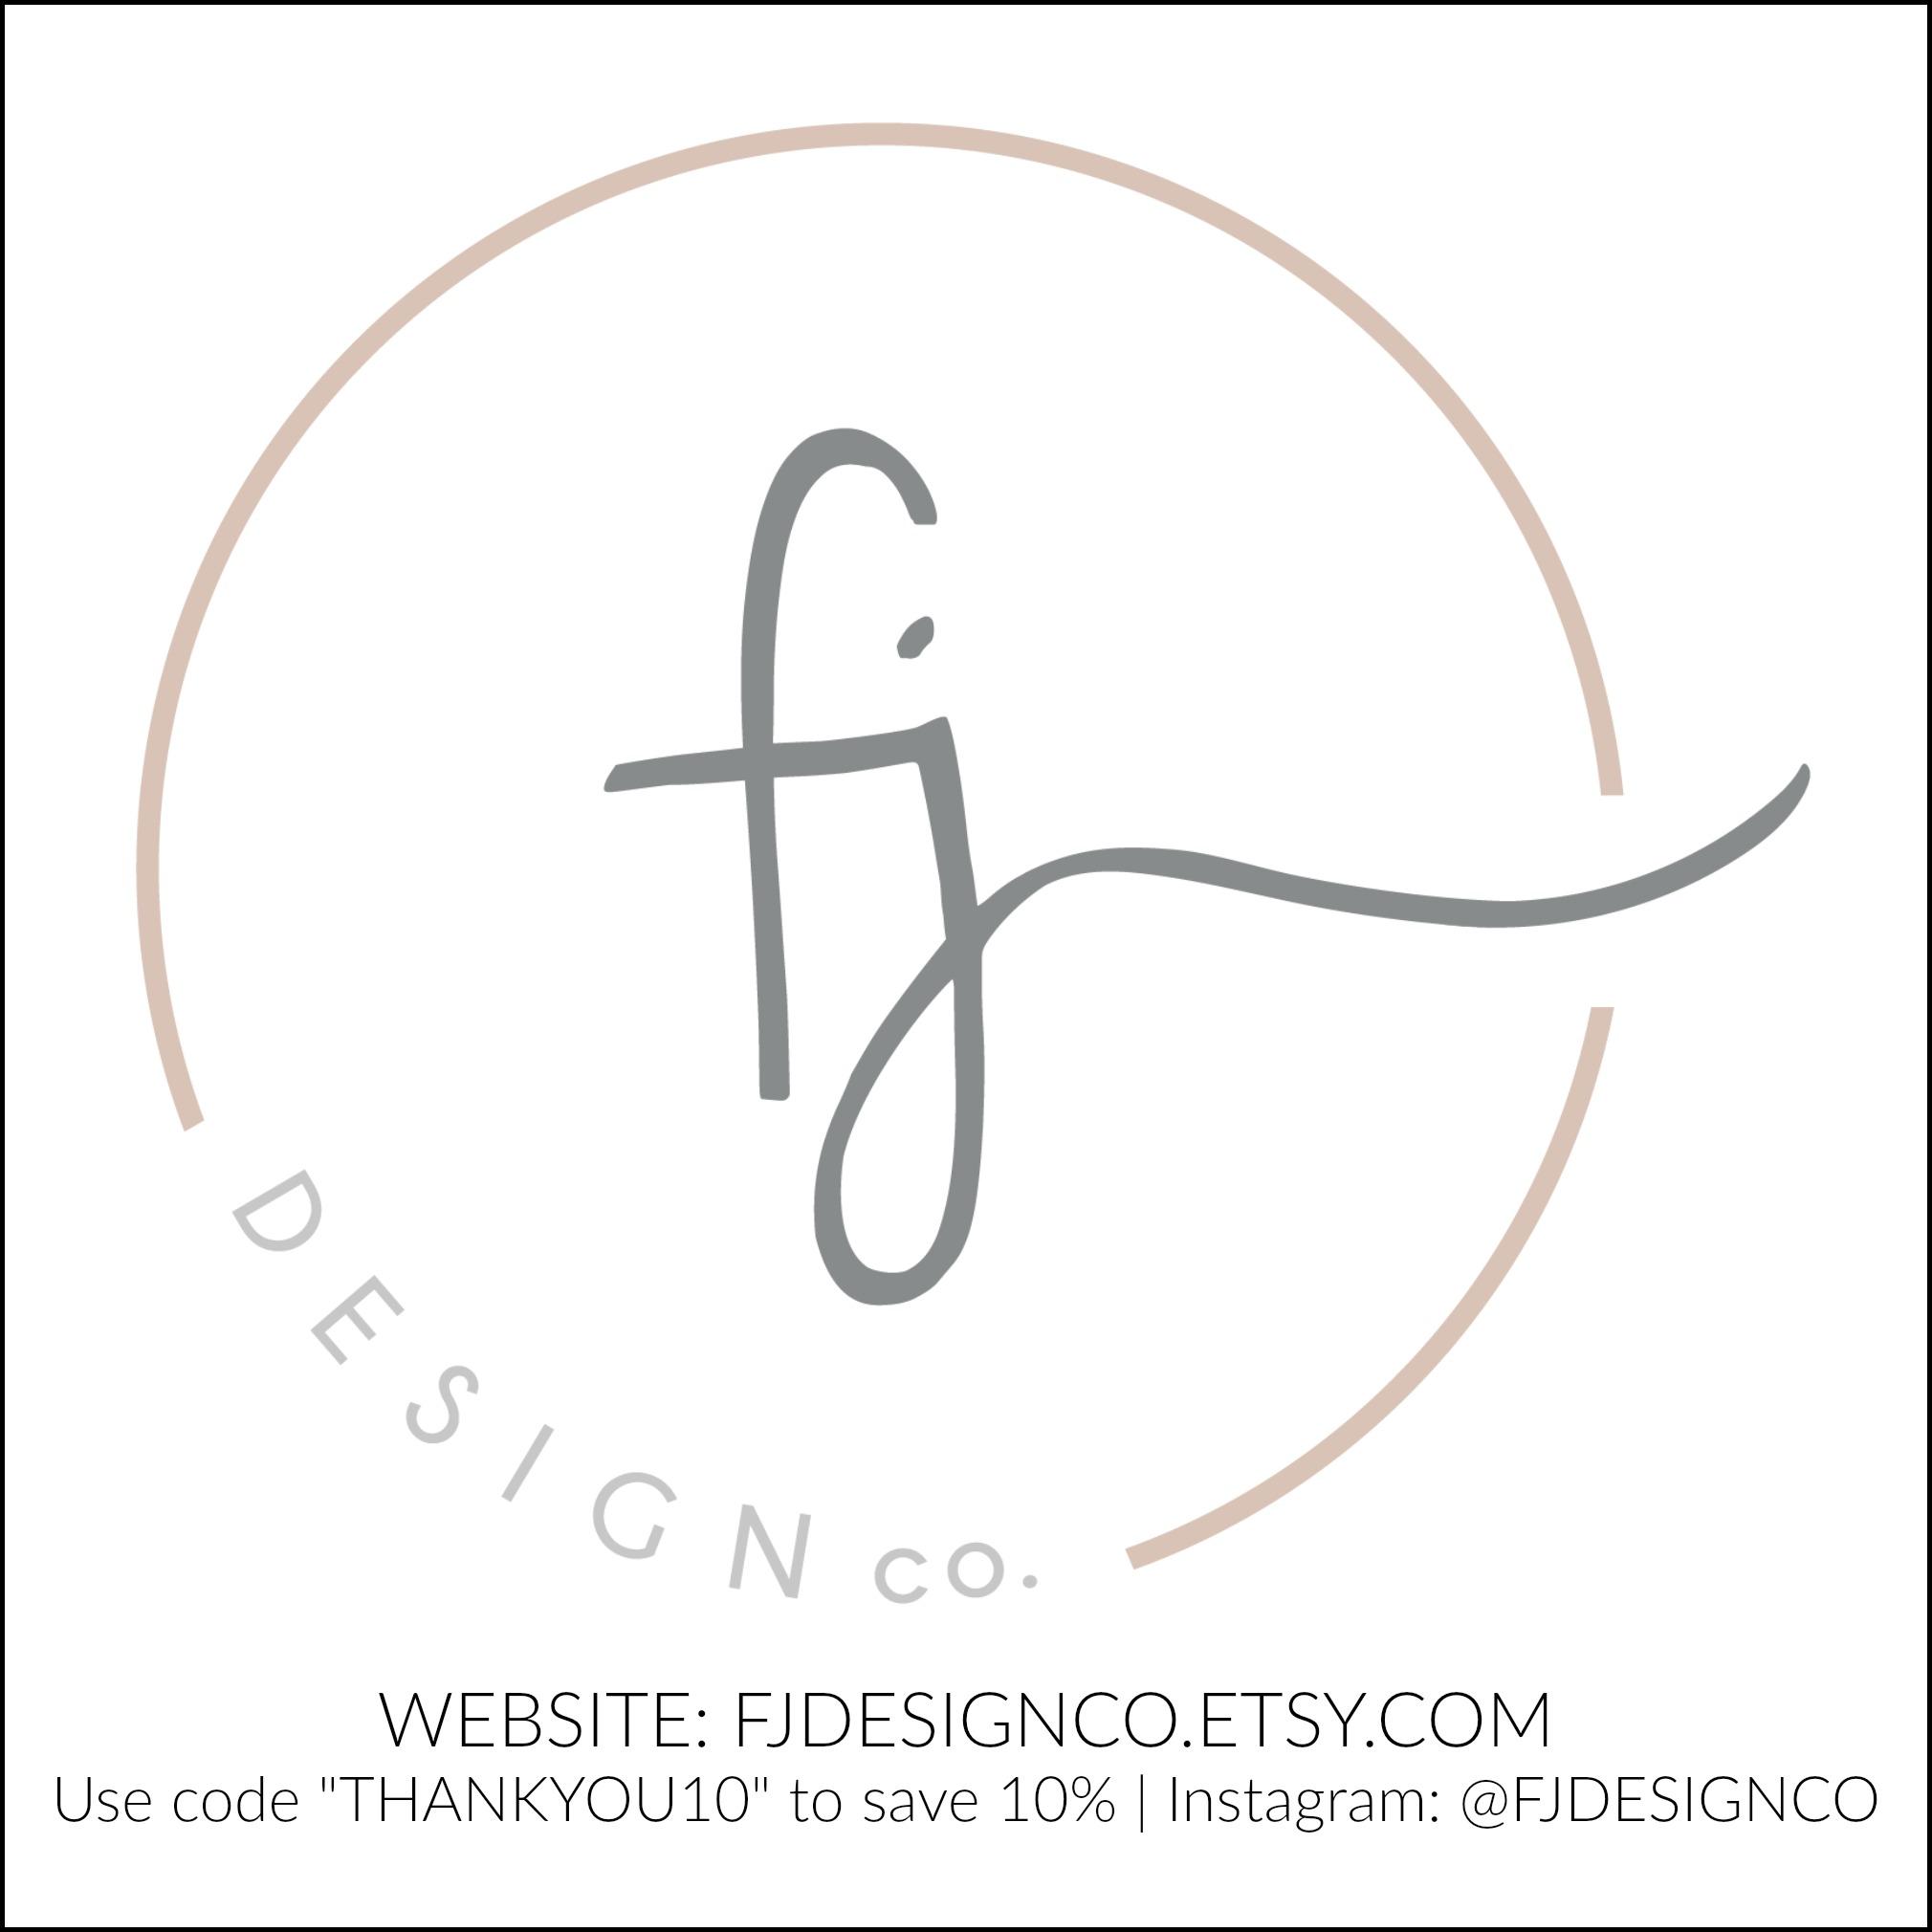 FJ Design Co. | FJDESIGNCO.ETSY.COM